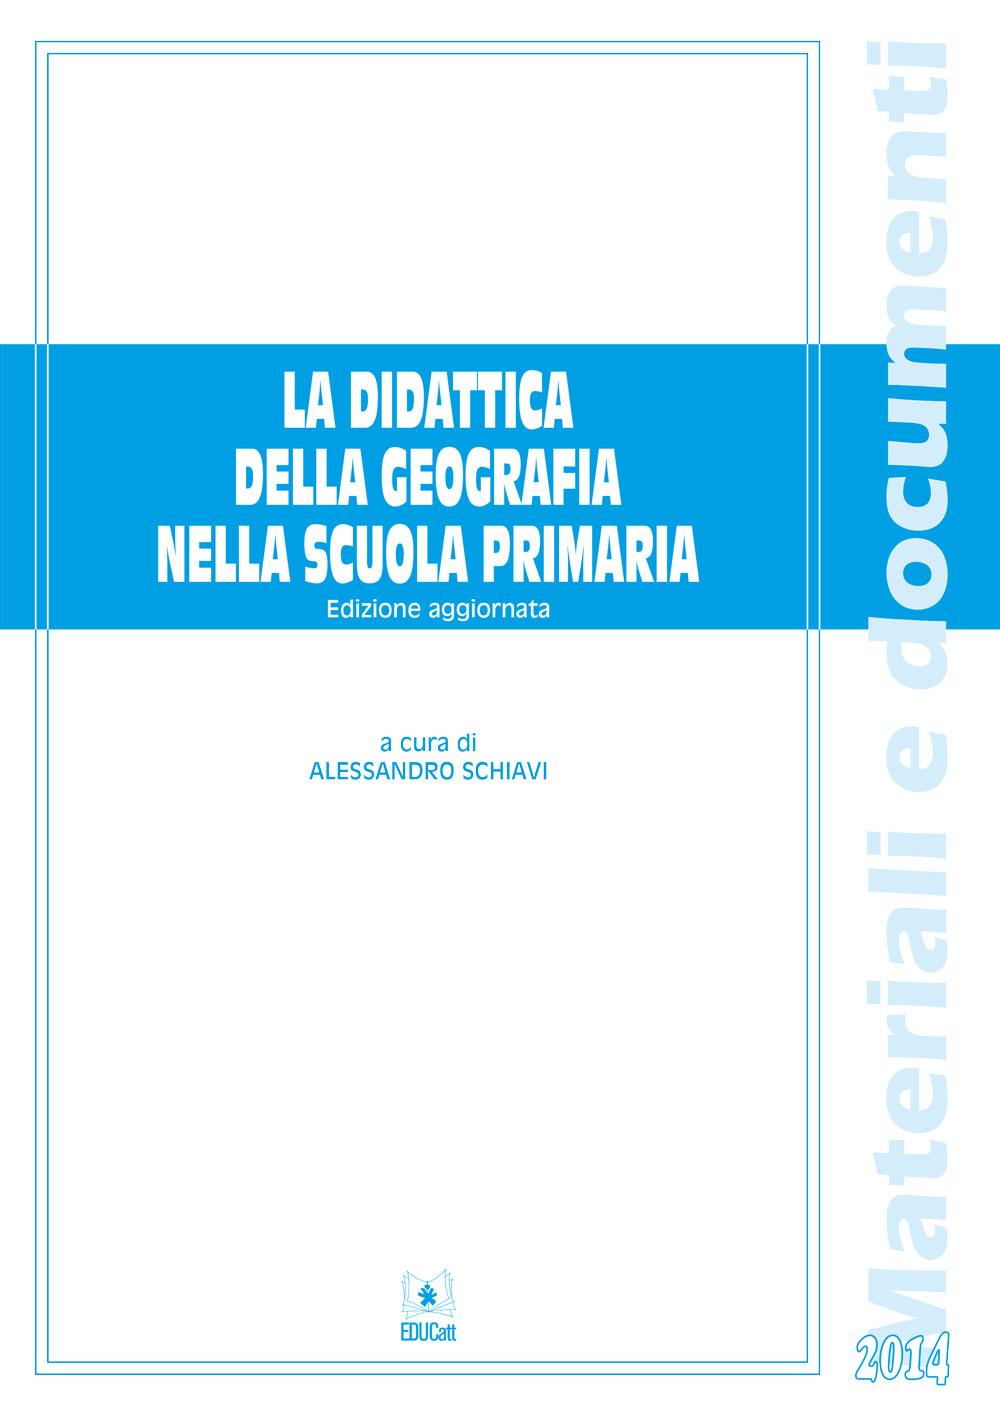 LA DIDATTICA DELLA GEOGRAFIA NELLA SCUOLA PRIMARIA (EDIZIONE AGGIORNATA)